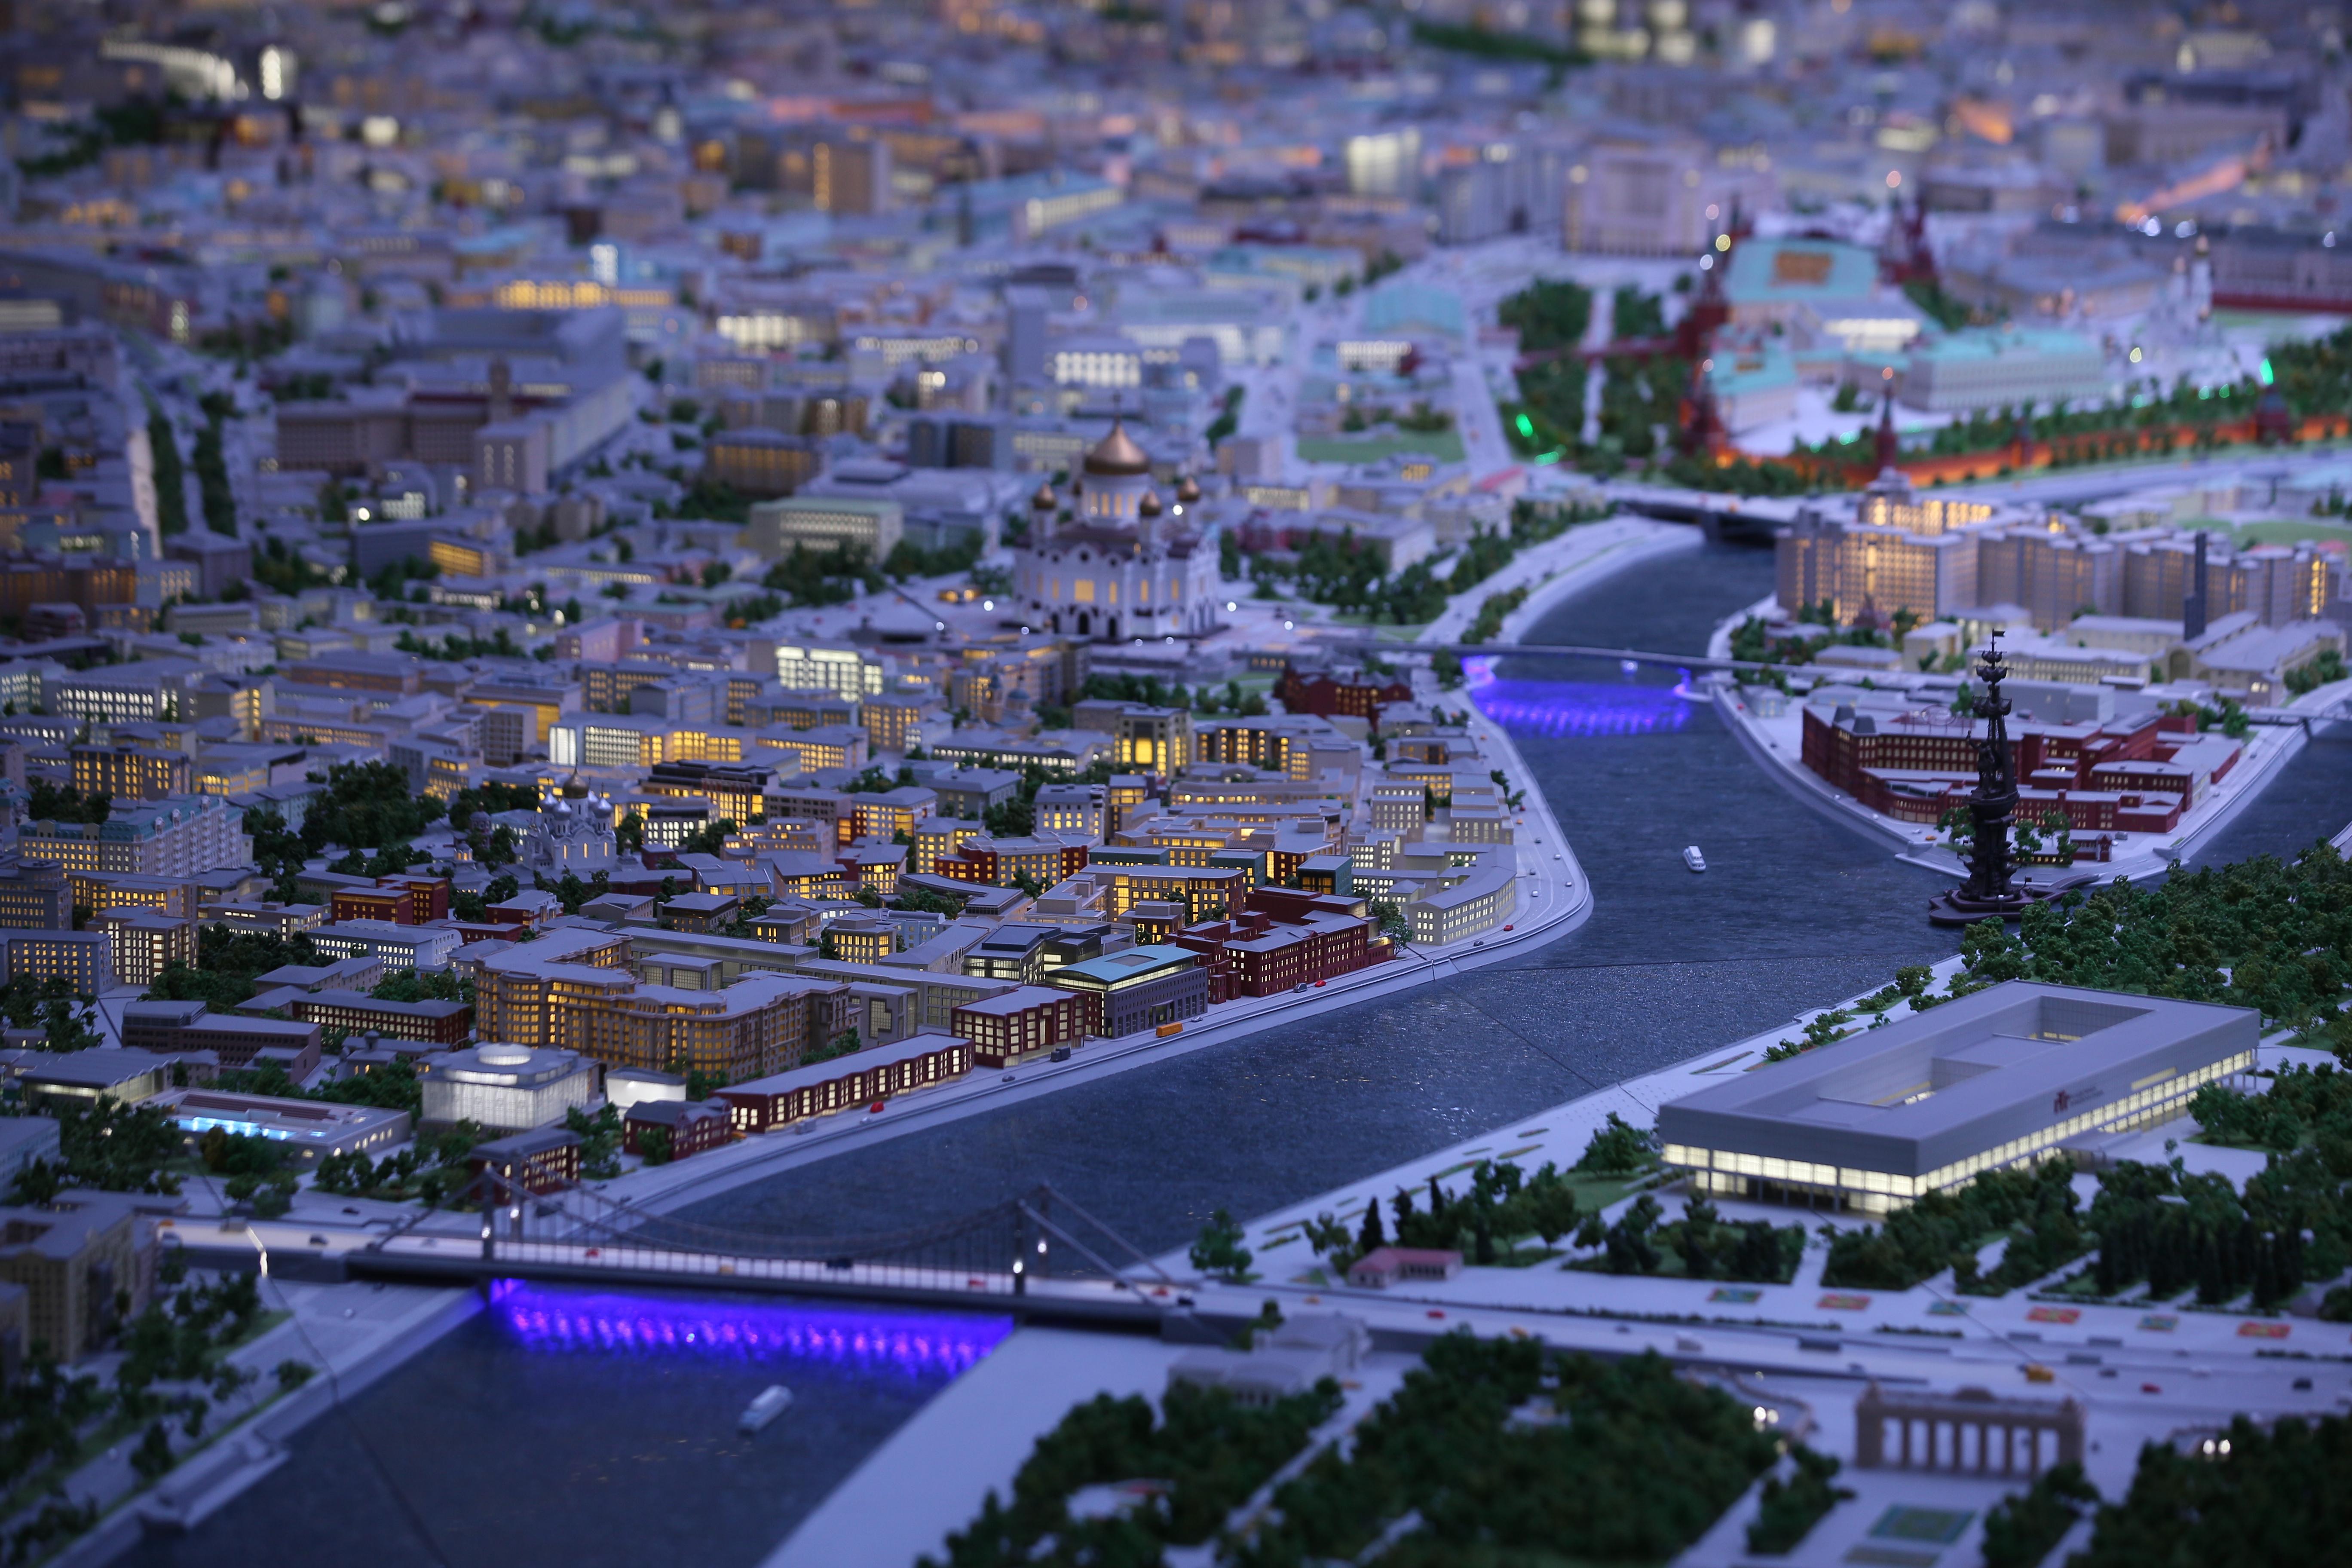 Свыше 8,5 тысячи человек посетили павильон «Макет Москвы» с середины июня